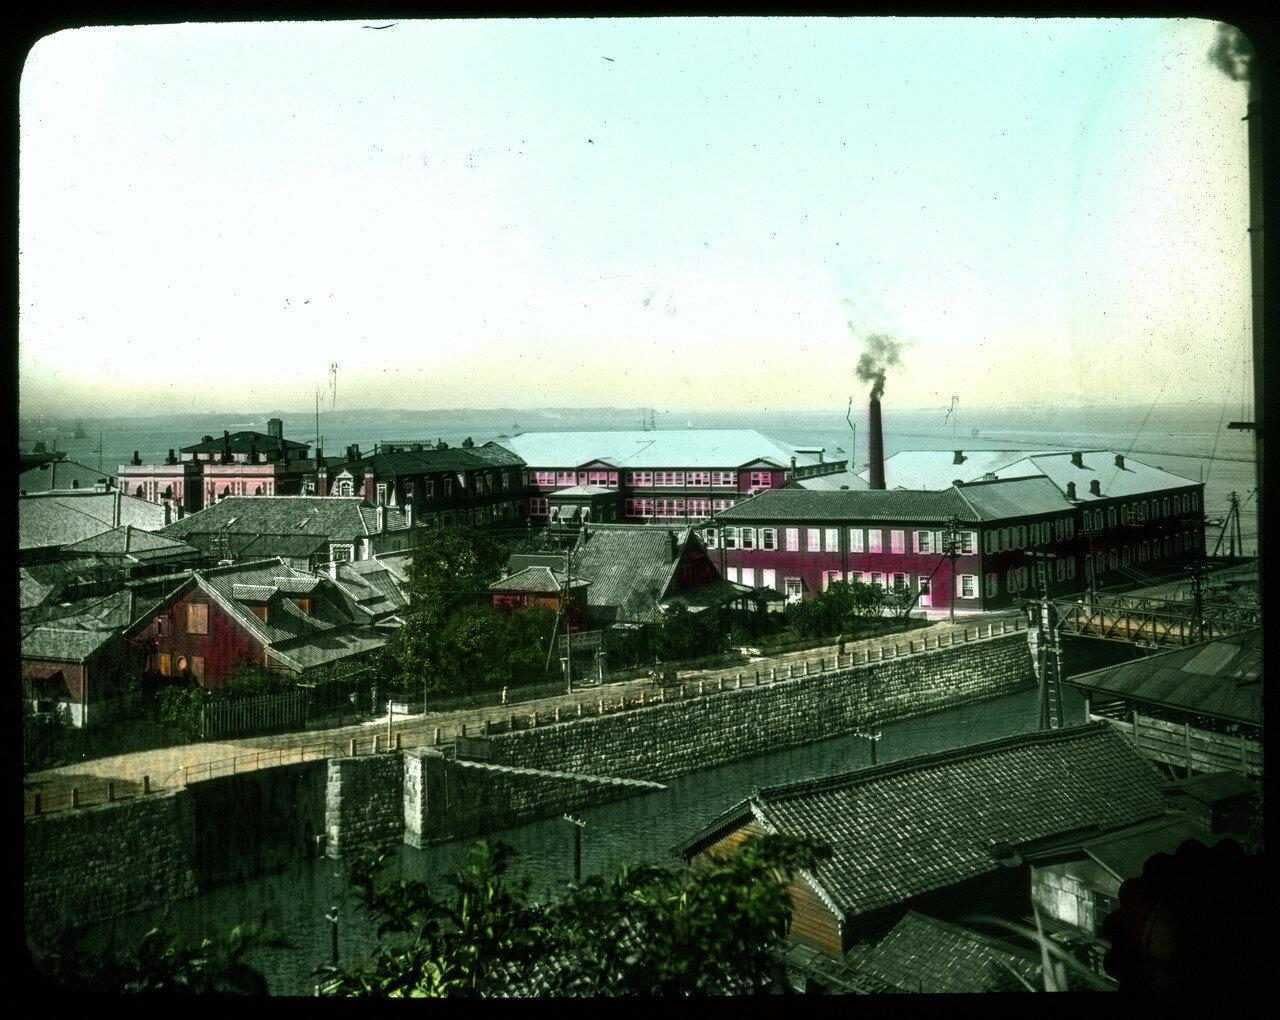 Йокогама. Гранд-отель и окрестности. 1910